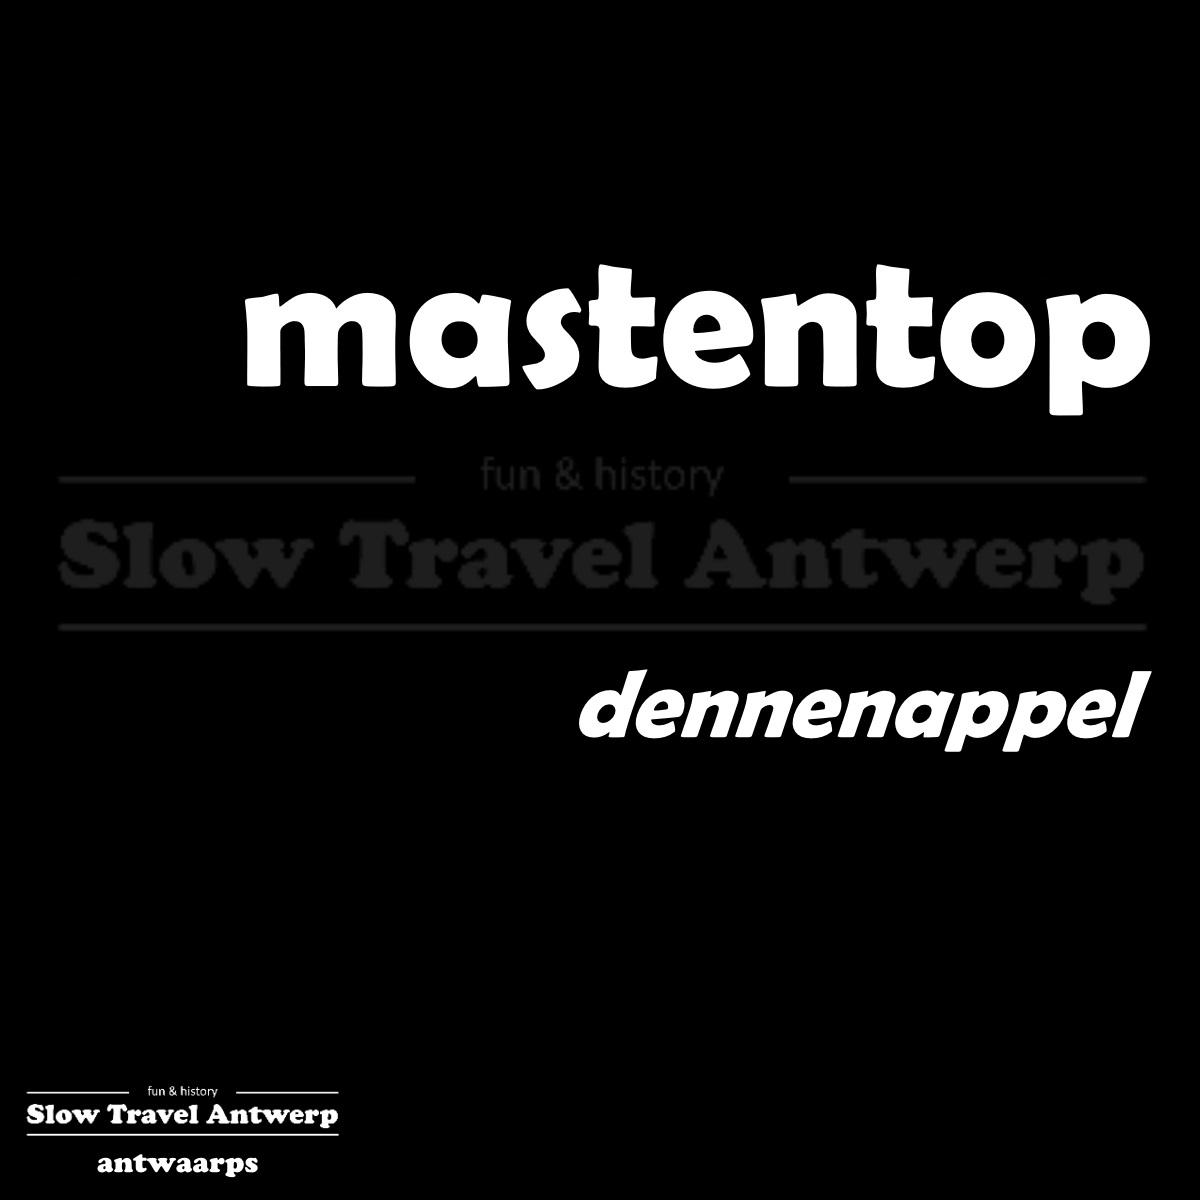 mastentop – dennenappel – pine cone